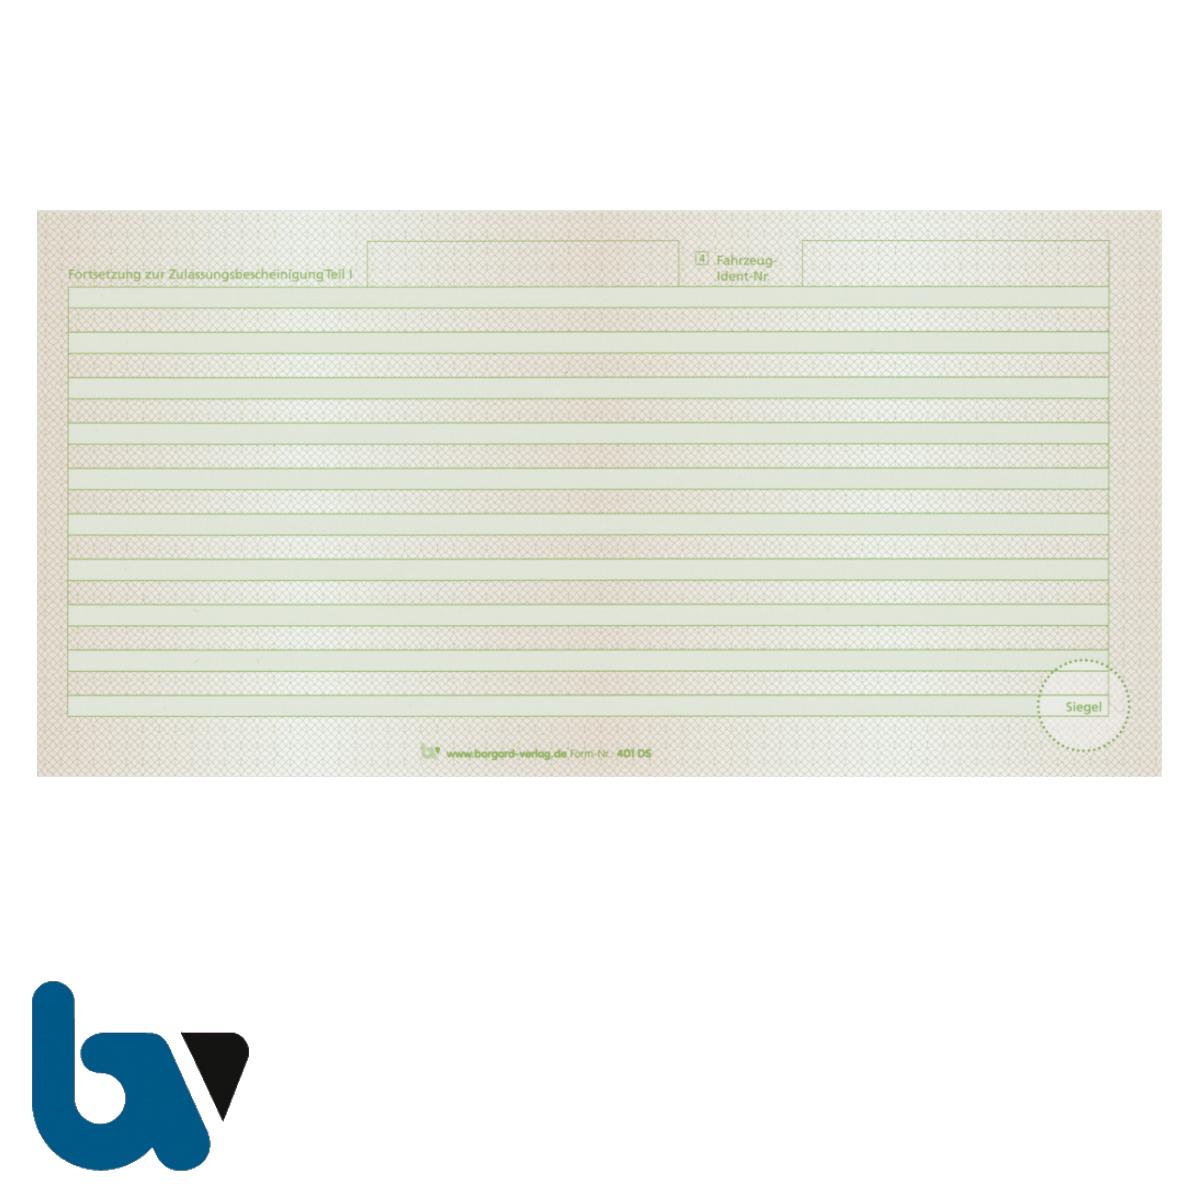 401 DS Beiblatt Zulassungsbescheinigung Teil 1 Fahrzeugschein Pretex Guilloche zweifarbig grün braun 210 105 | Borgard Verlag GmbH